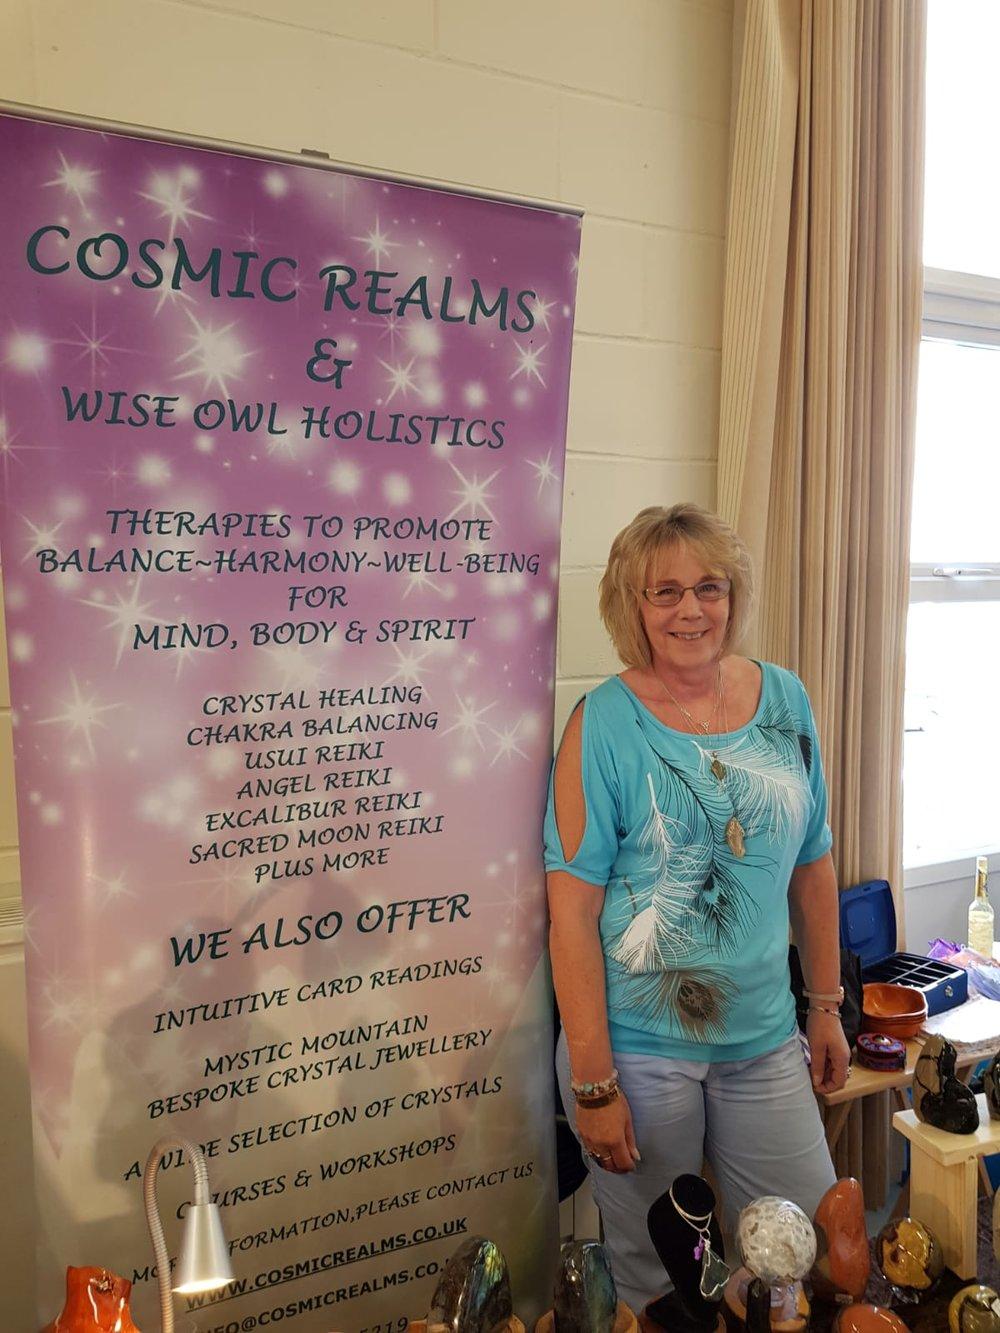 Cosmic Realms